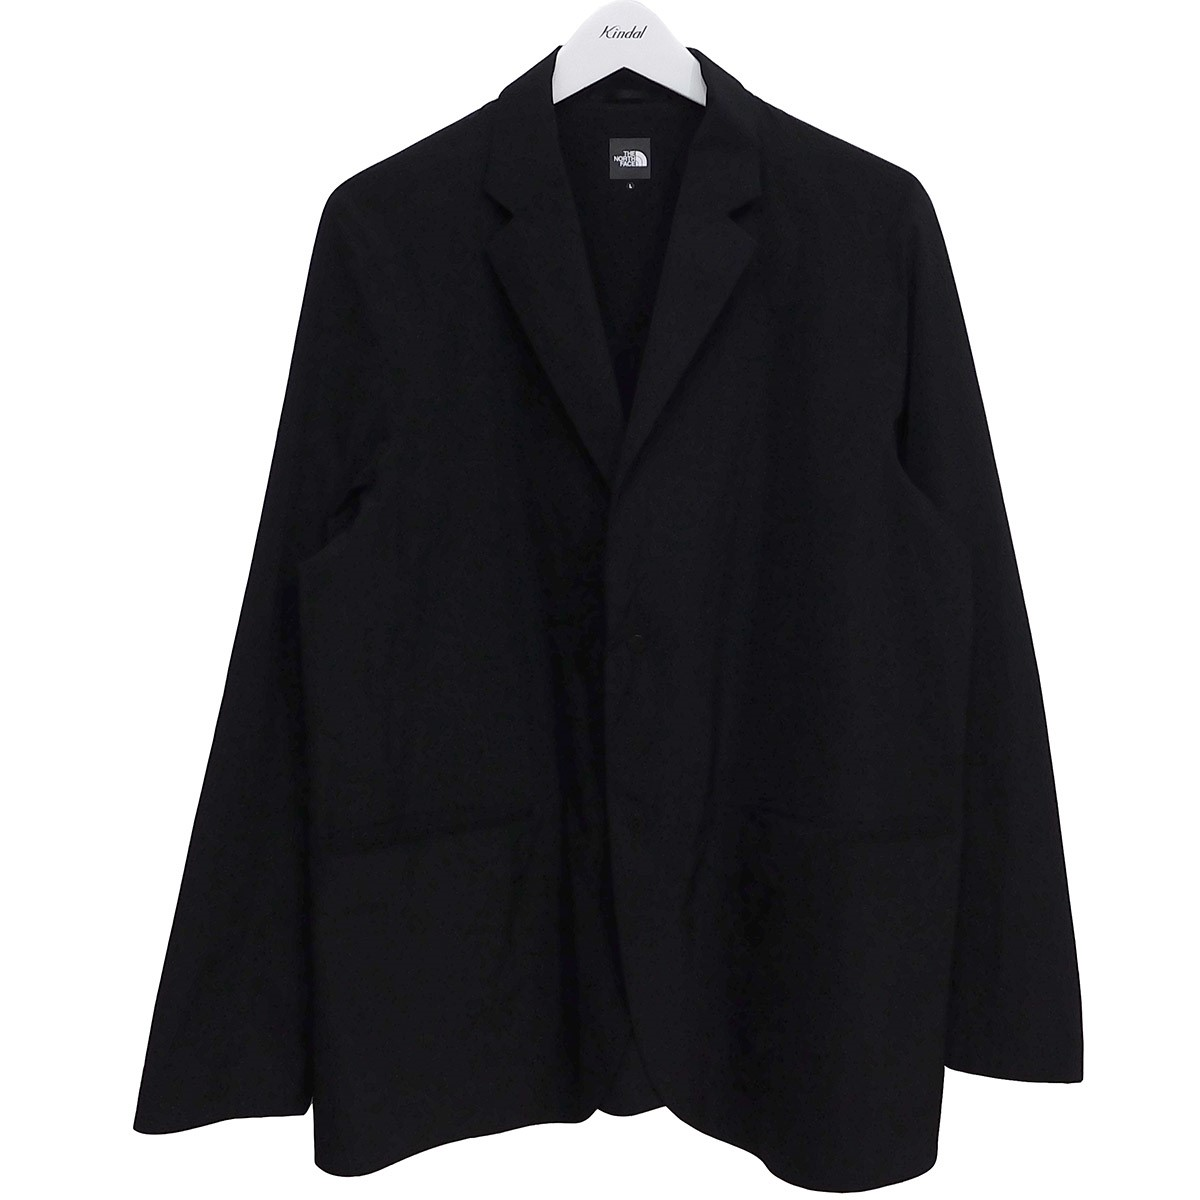 【中古】THE NORTH FACE Desert Jacket スナップボタン2Bナイロンジャケット ブラック サイズ:L 【190720】(ザノースフェイス)